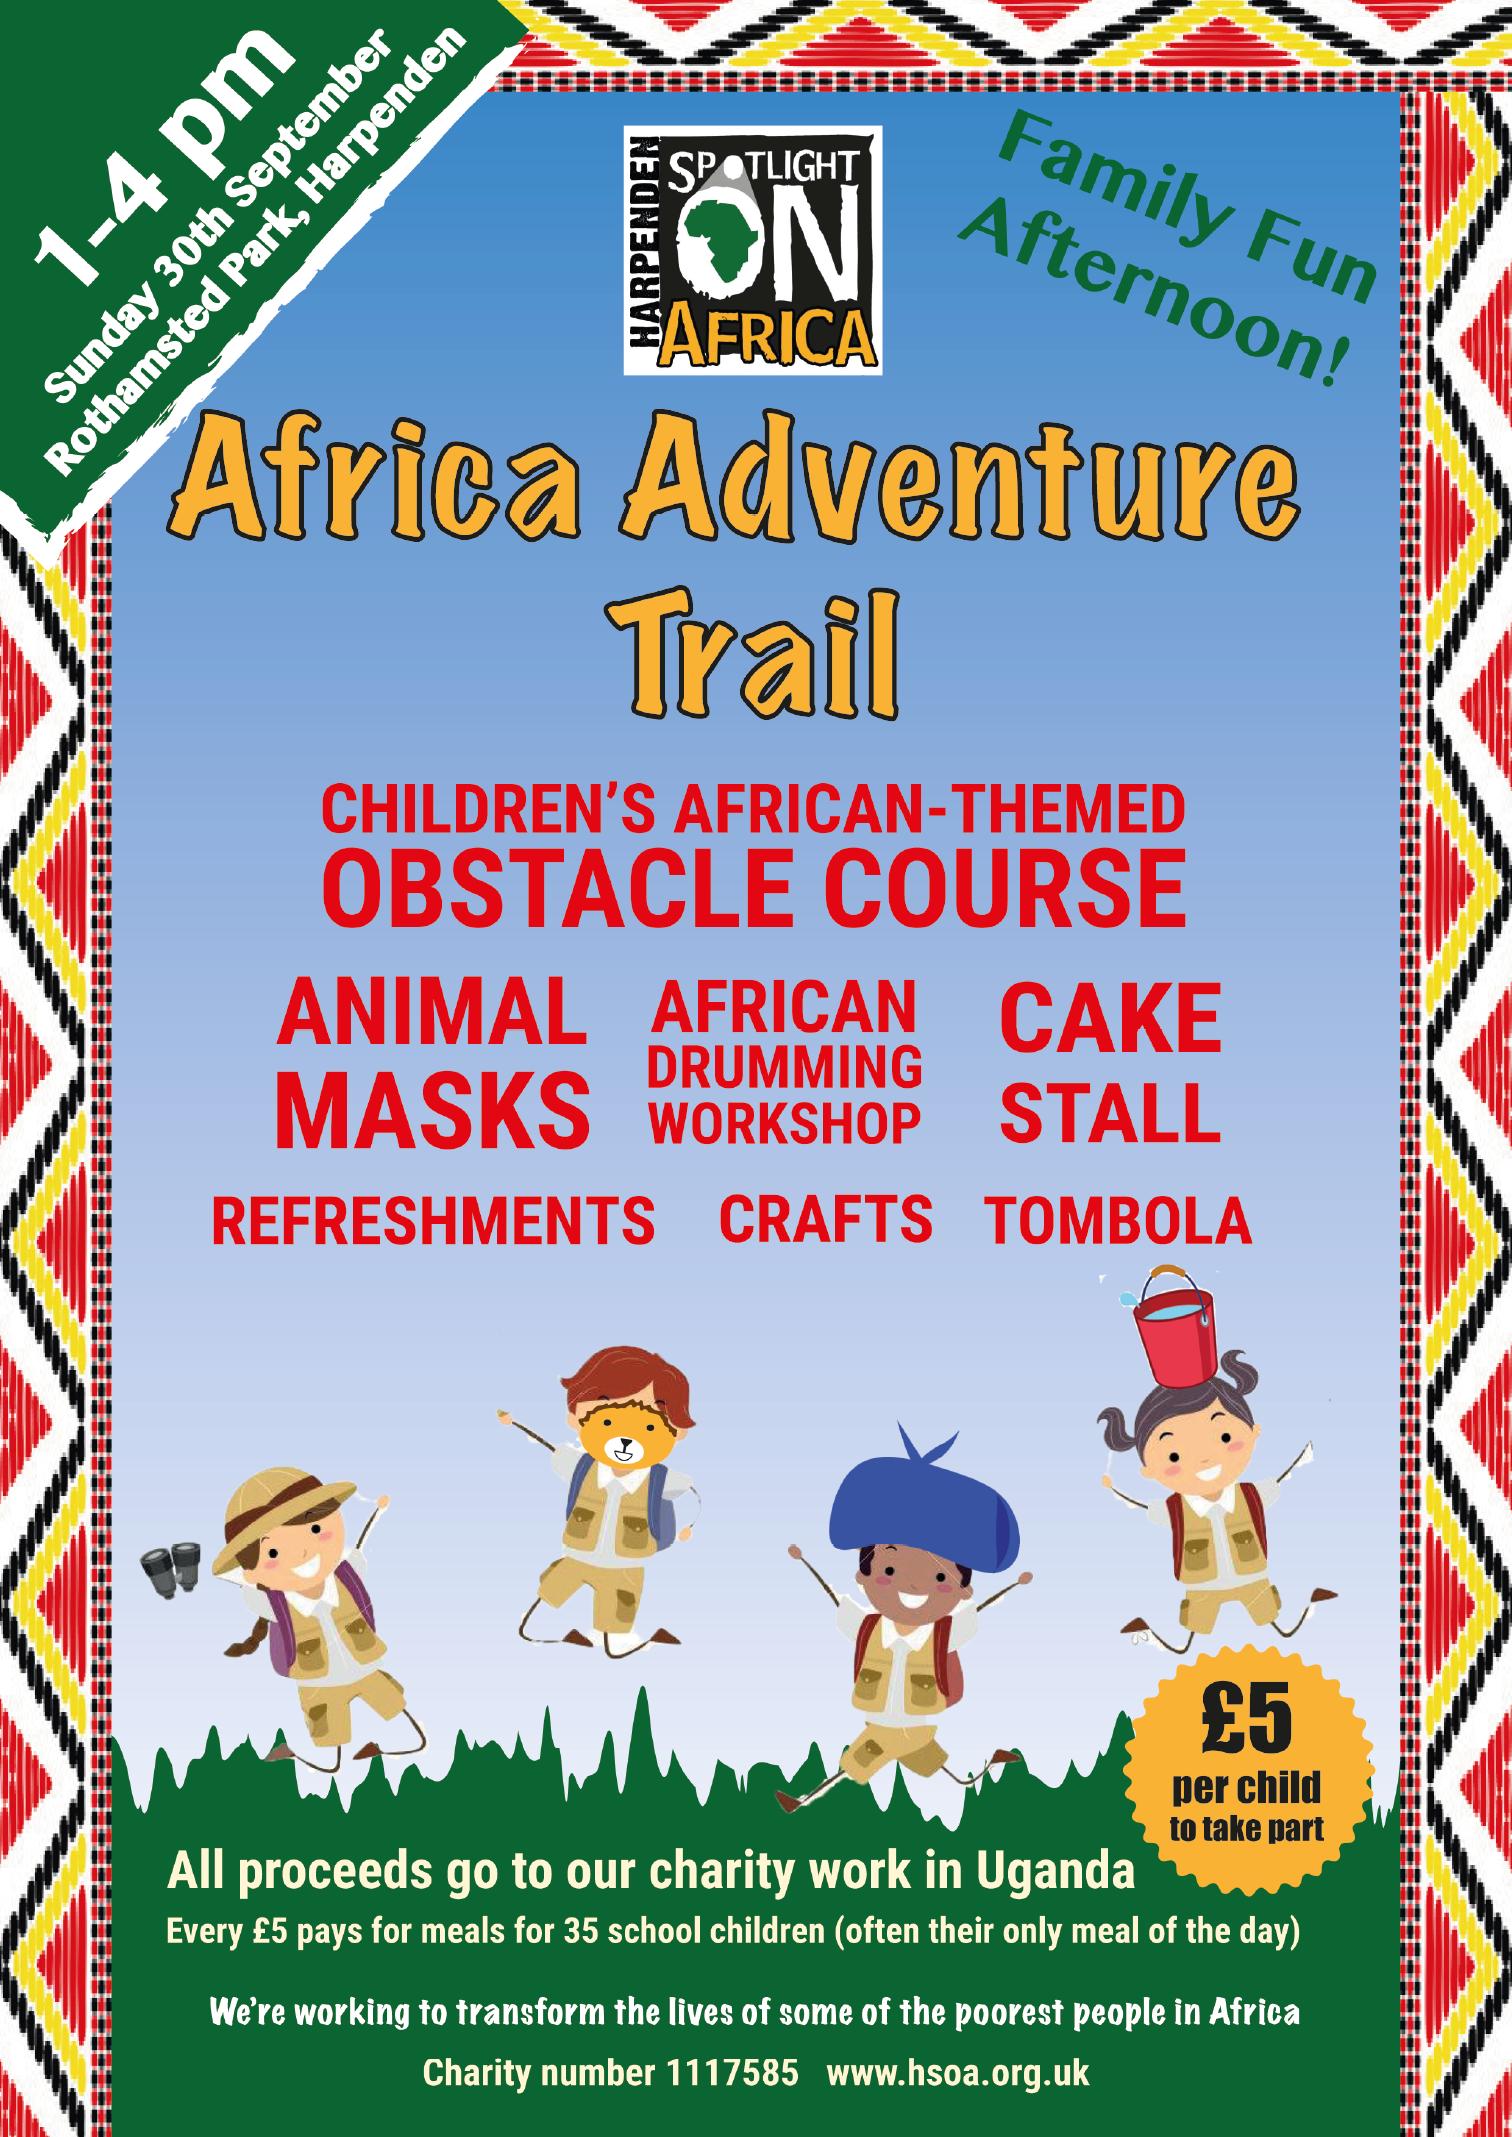 Africa Day Sunday 30th September